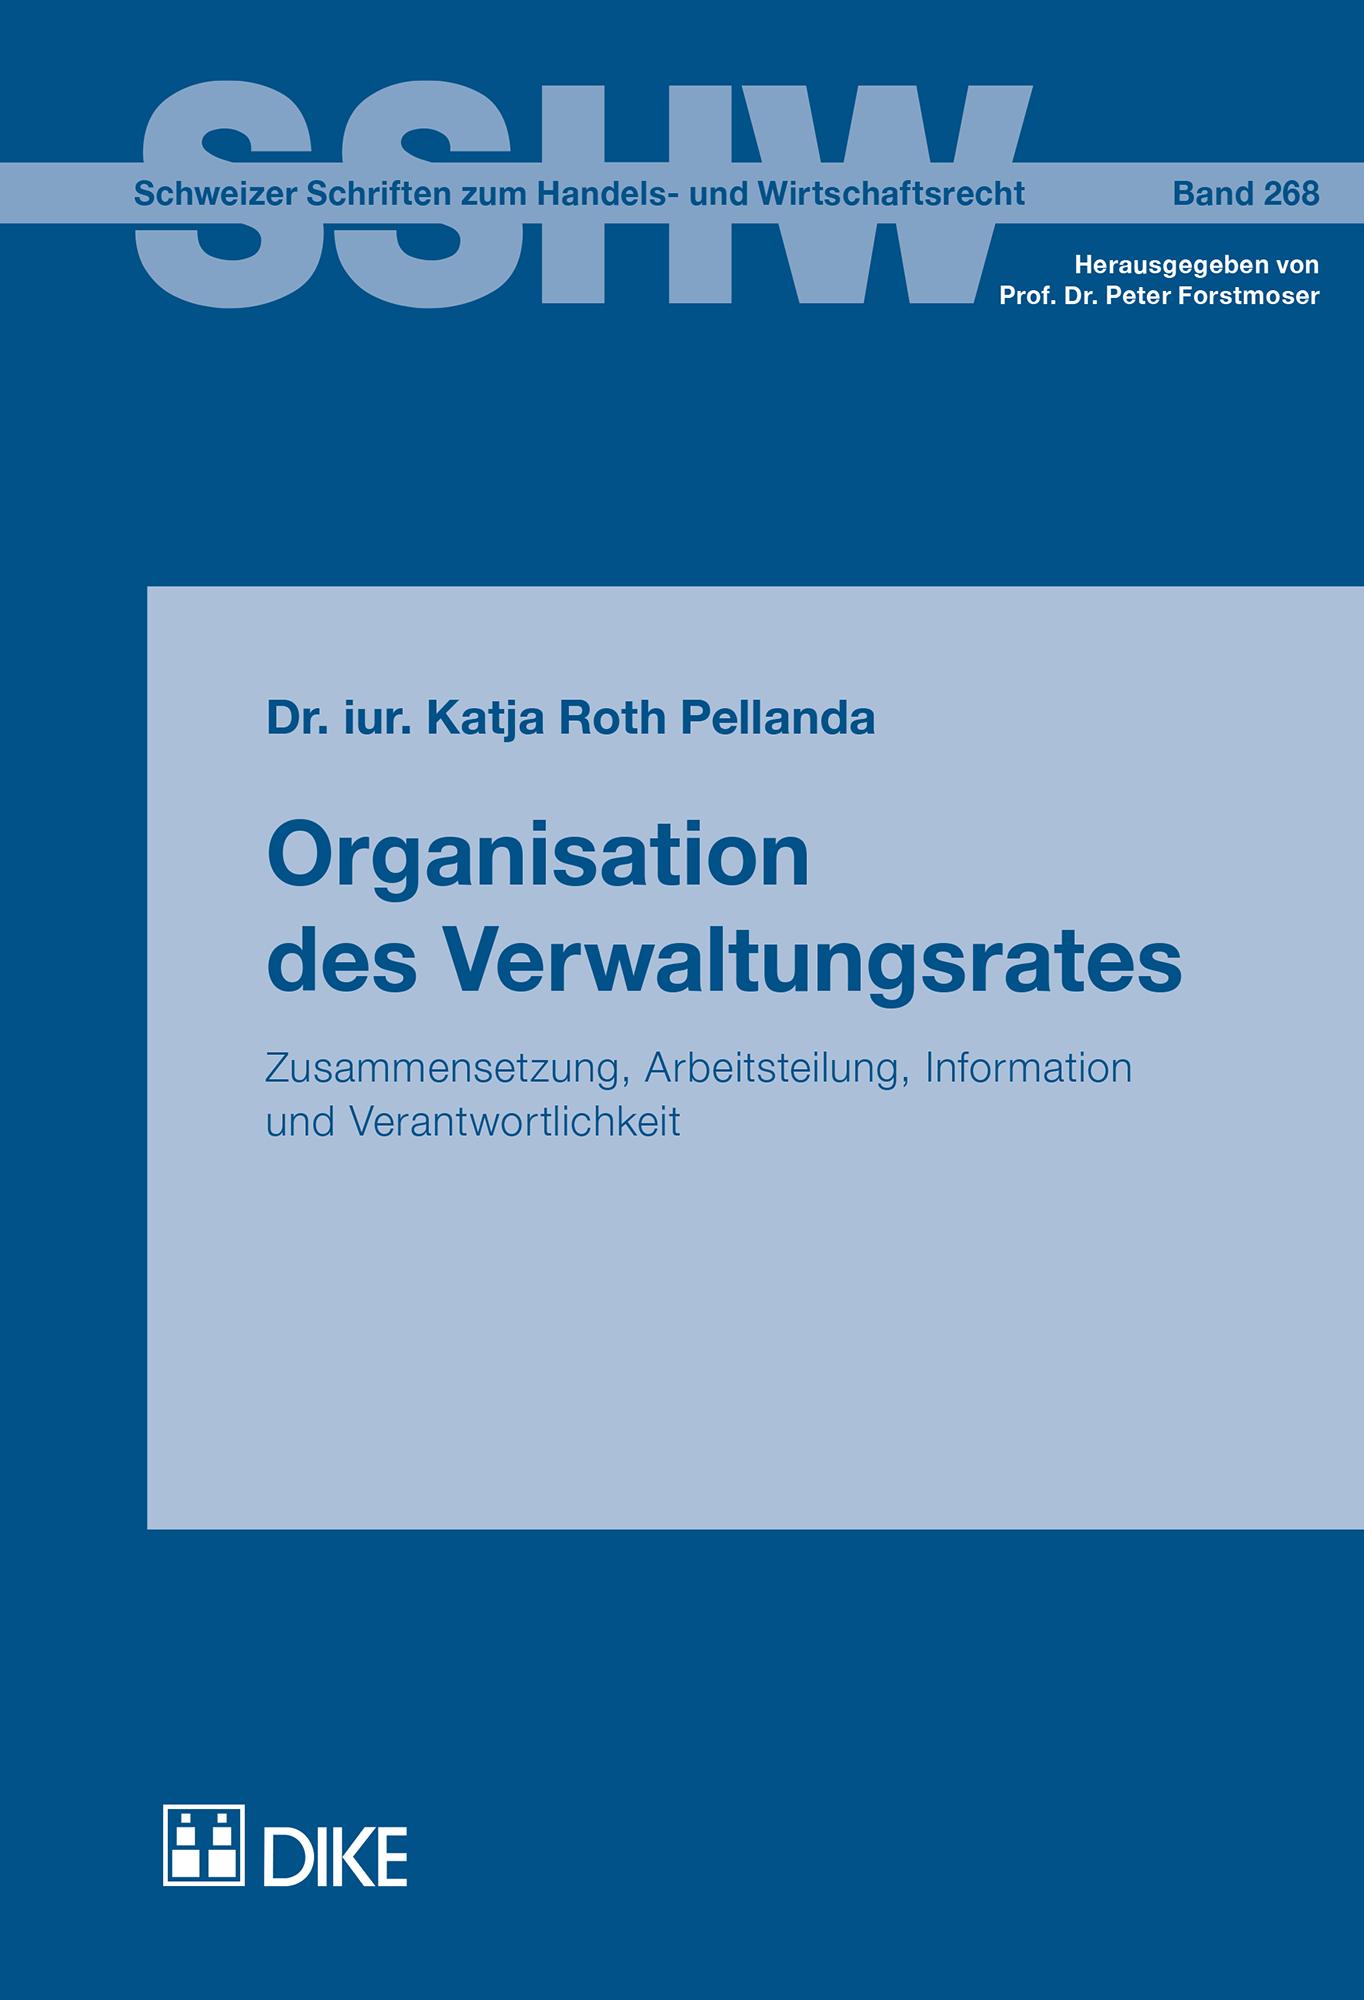 Organisation des Verwaltungsrates